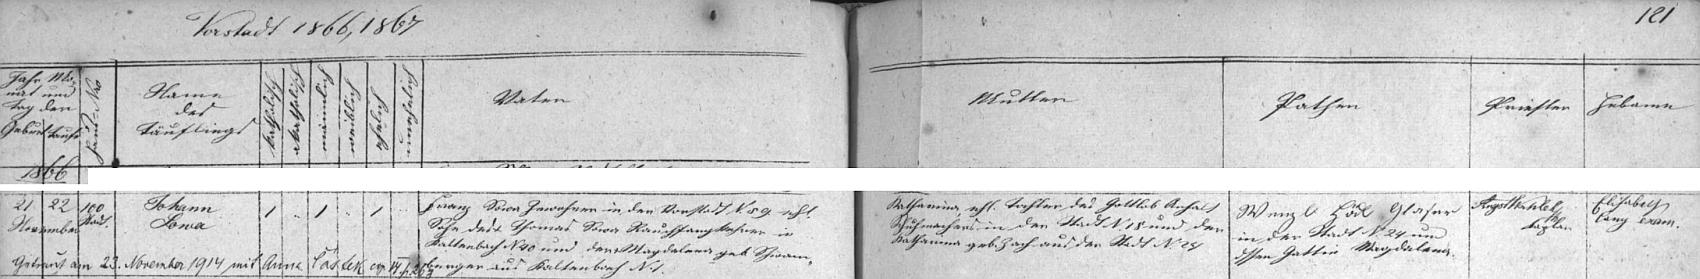 Záznam vimperské křestní matriky o narození jejího dědečka Johanna Sowy s pozdějším přípisem o jeho druhé svatbě s Annou Částkovou poté, co ovdověl skonem své první ženy Karoliny Kozelkové